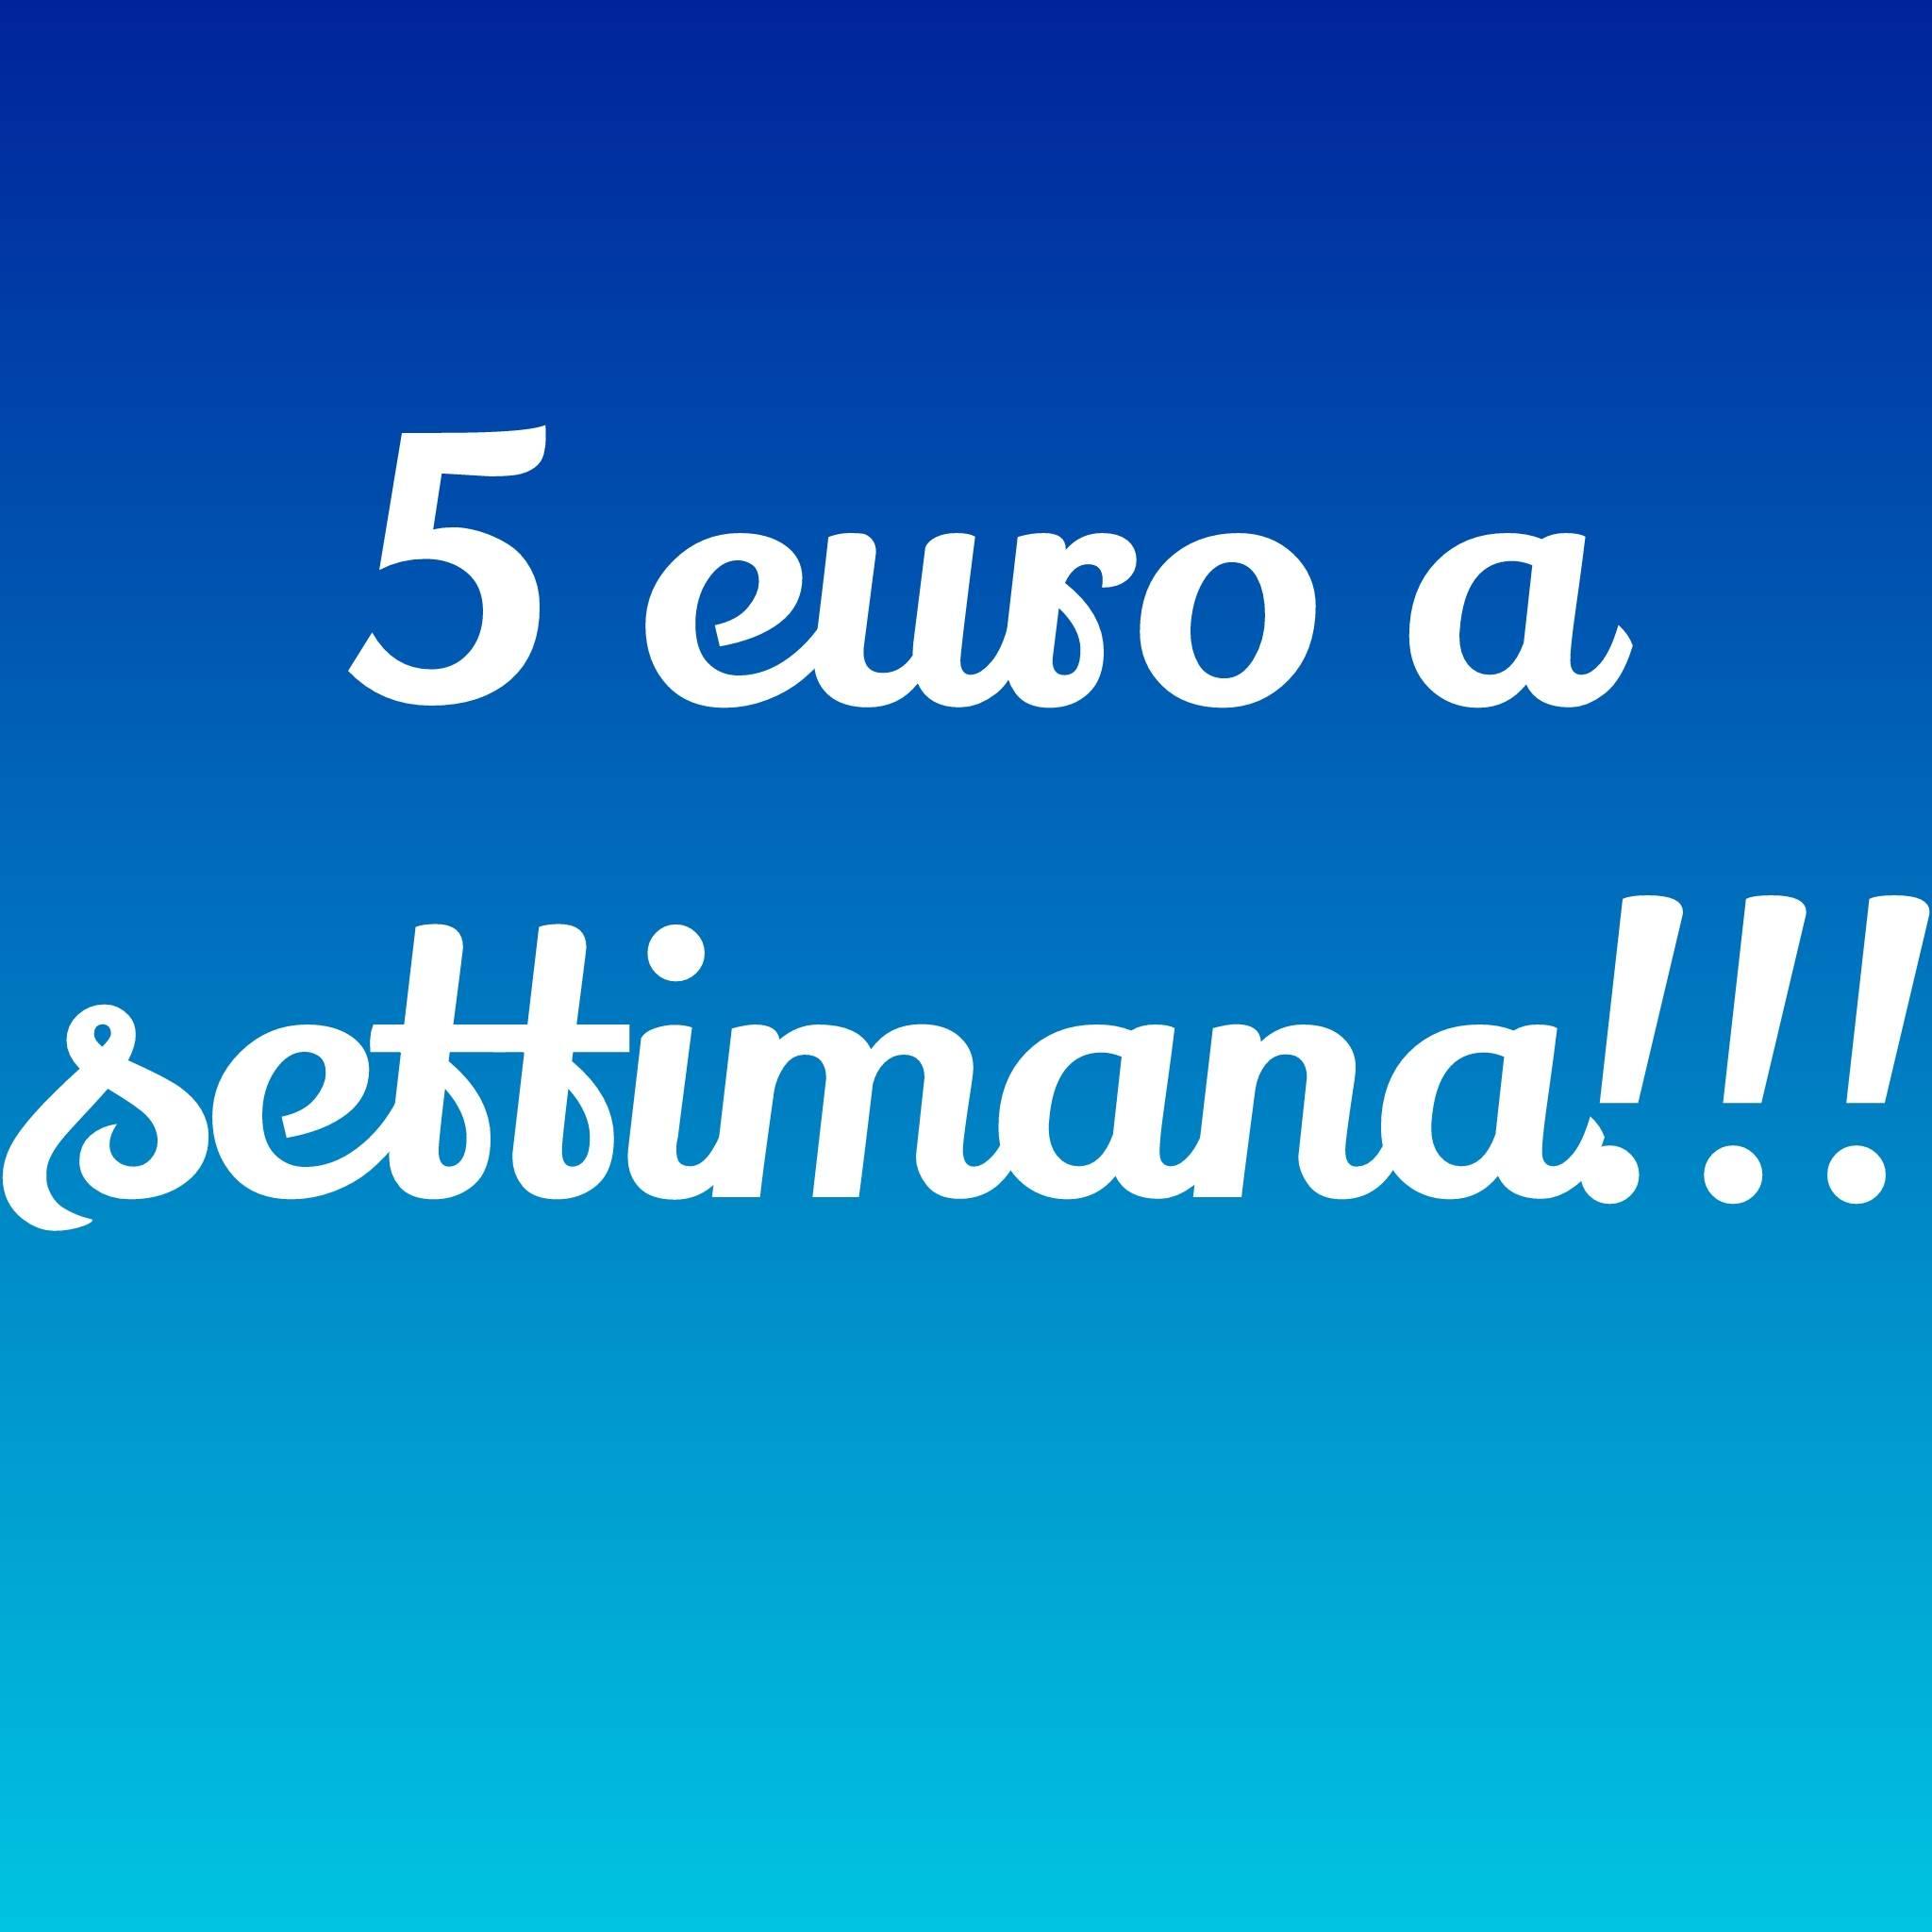 PUBBLICIZZA IL TUO PRODOTTO!!!